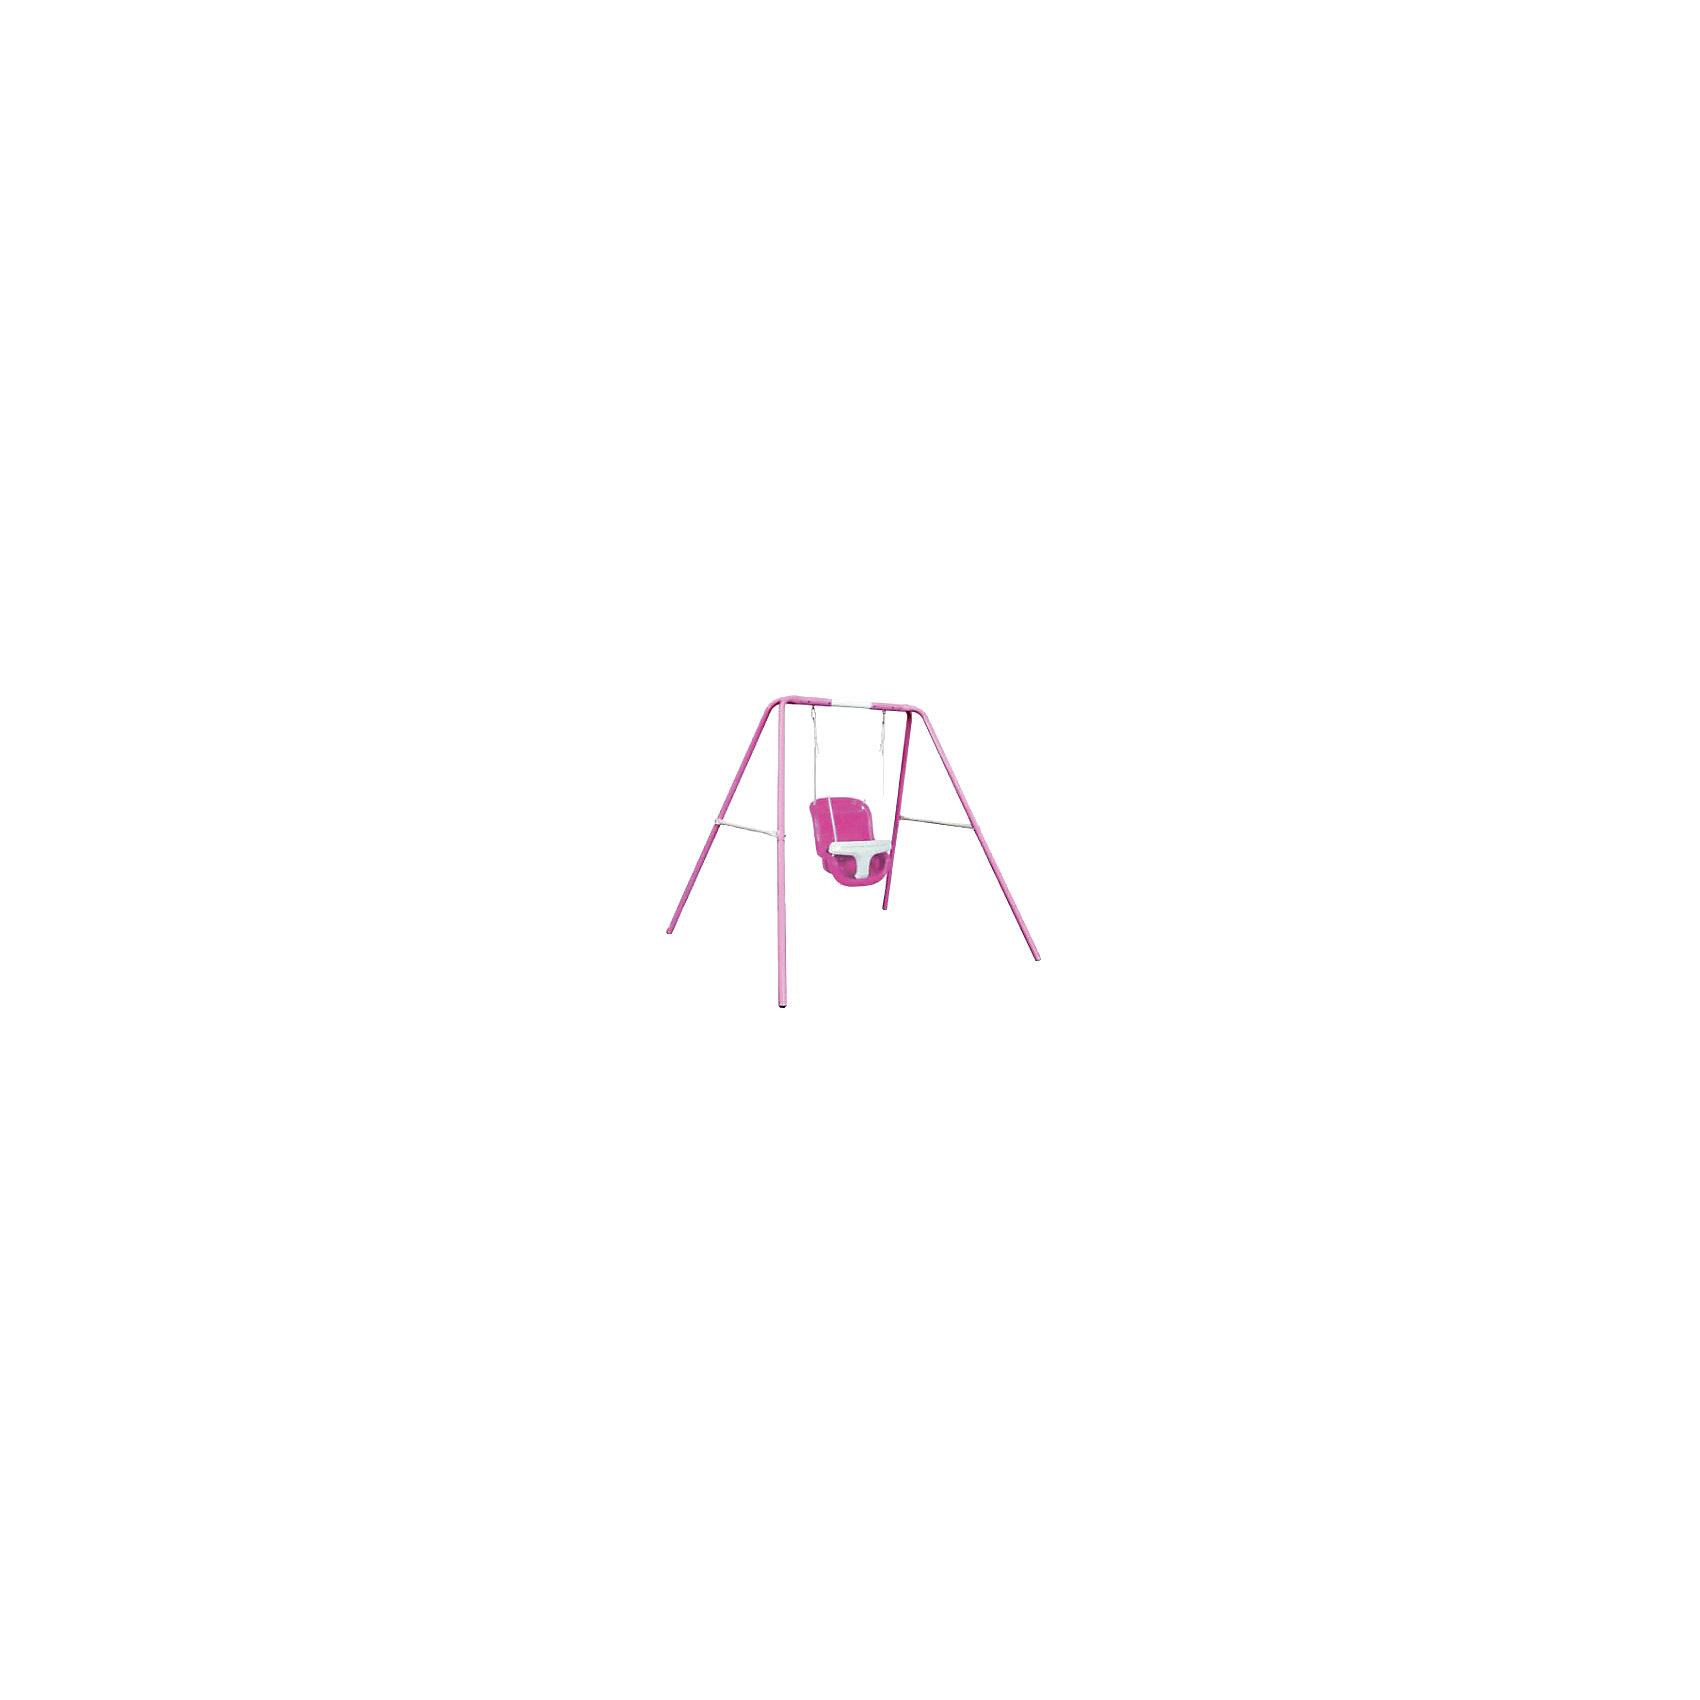 Качели для девочек 120 см, DondolandiaКачели и качалки<br>Качели для девочек 120 см, Dondolandia - замечательный детский аттракцион, удивительная игровая площадка для энергичной девочки.<br>Качели от Dondolandia приведут в восторг вашу девочку. Качели можно установить на улице или же дома. Модель имеет прочный устойчивый стальной каркас из устойчивого к деформации металла покрытый полиэстером. Пластиковое сиденье снабжено барьером безопасности. Качели легко собираются и разбираются, в разобранном виде занимают мало места при хранении и транспортировке. Подарите вашей девочке море улыбок и хорошее настроение!<br><br>Дополнительная информация:<br><br>- Материал: сталь, покрытие – полиэстер, сидение - пластик<br>- Размер: 160x180x120 см.<br>- Максимальная нагрузка: 20 кг.<br>- Вес: 6 кг.<br><br>Качели для девочек 120 см, Dondolandia можно купить в нашем интернет-магазине.<br><br>Ширина мм: 760<br>Глубина мм: 310<br>Высота мм: 370<br>Вес г: 15000<br>Возраст от месяцев: 96<br>Возраст до месяцев: 144<br>Пол: Женский<br>Возраст: Детский<br>SKU: 4603653